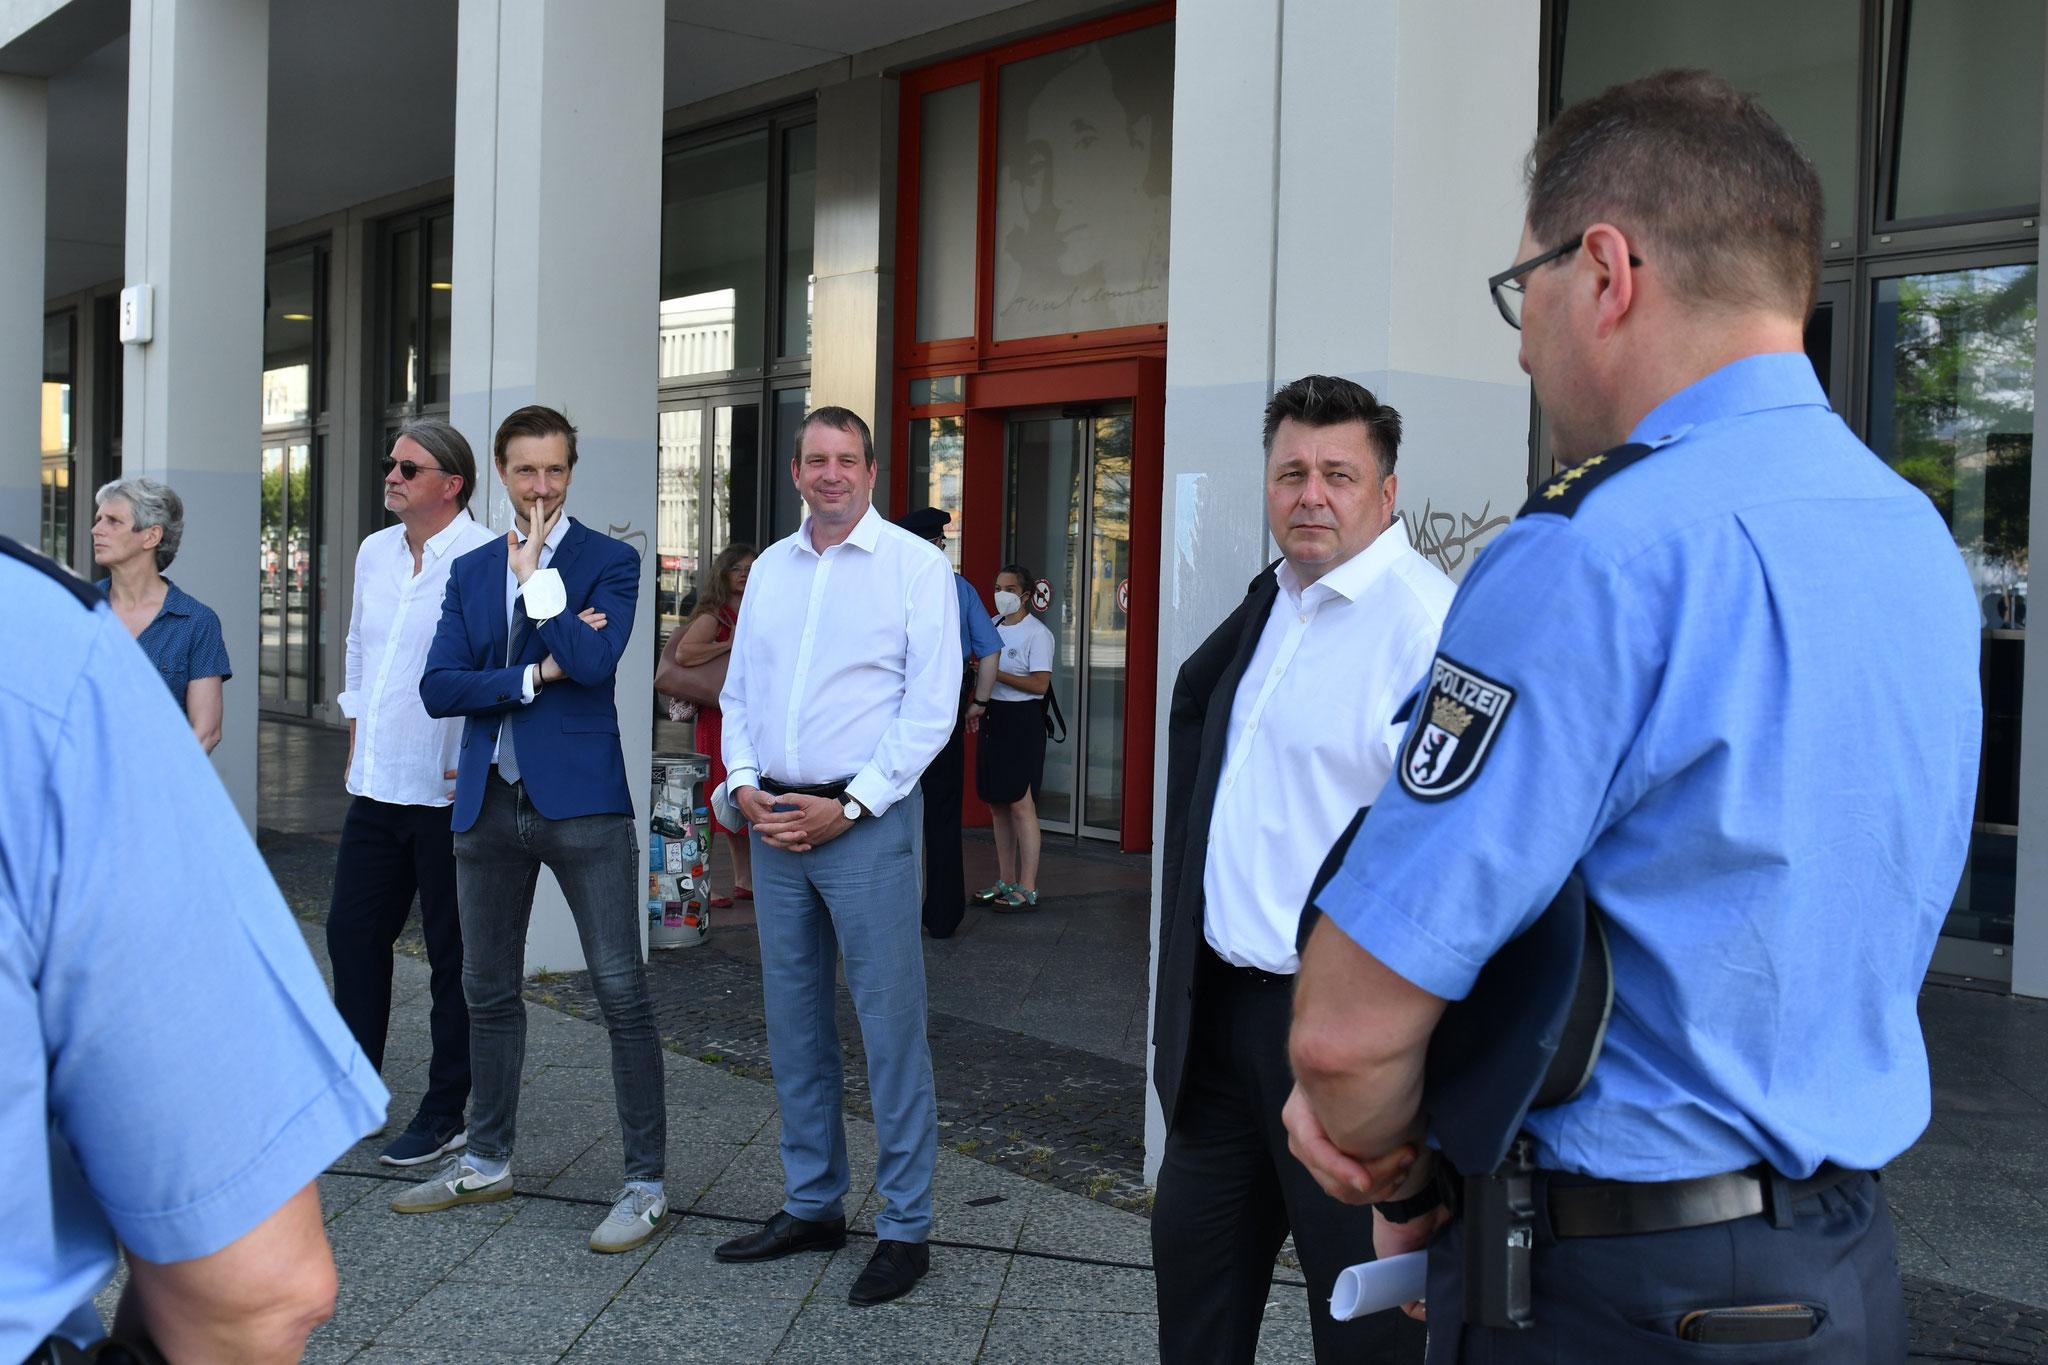 Kurzer Stopp auf dem Alice-Salomon-Platz vor der Hochschule. © pressefoto-uhlemann.de